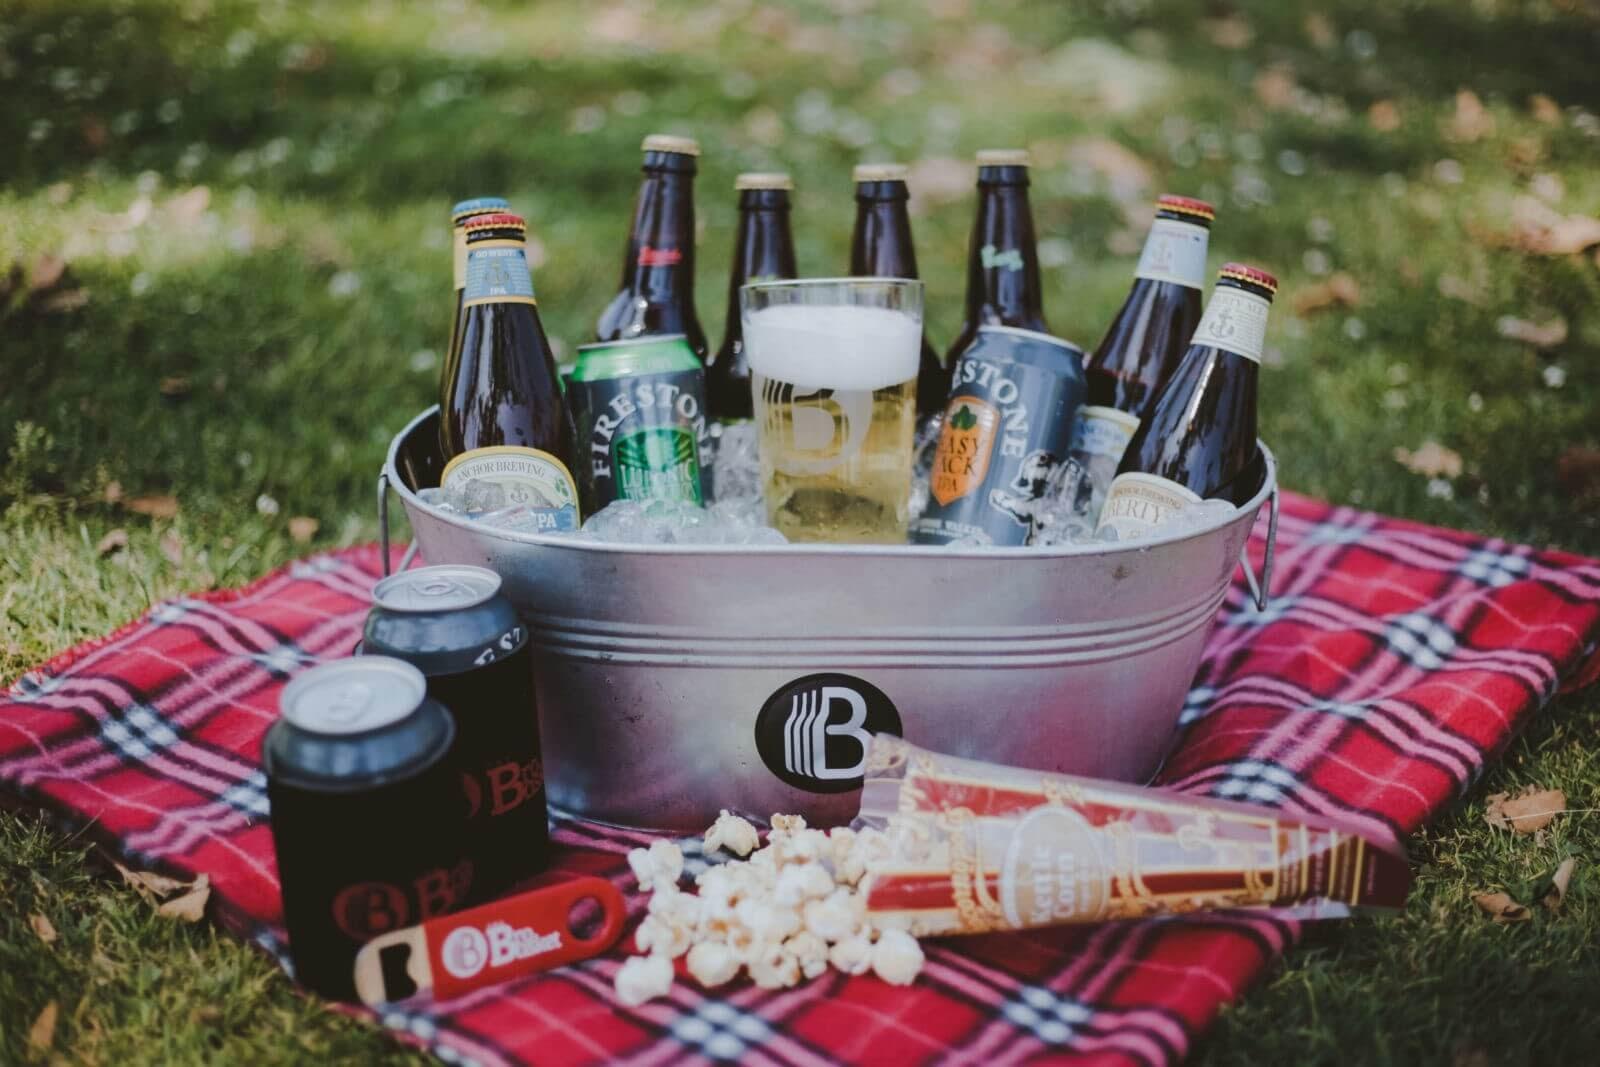 Beer in a tub